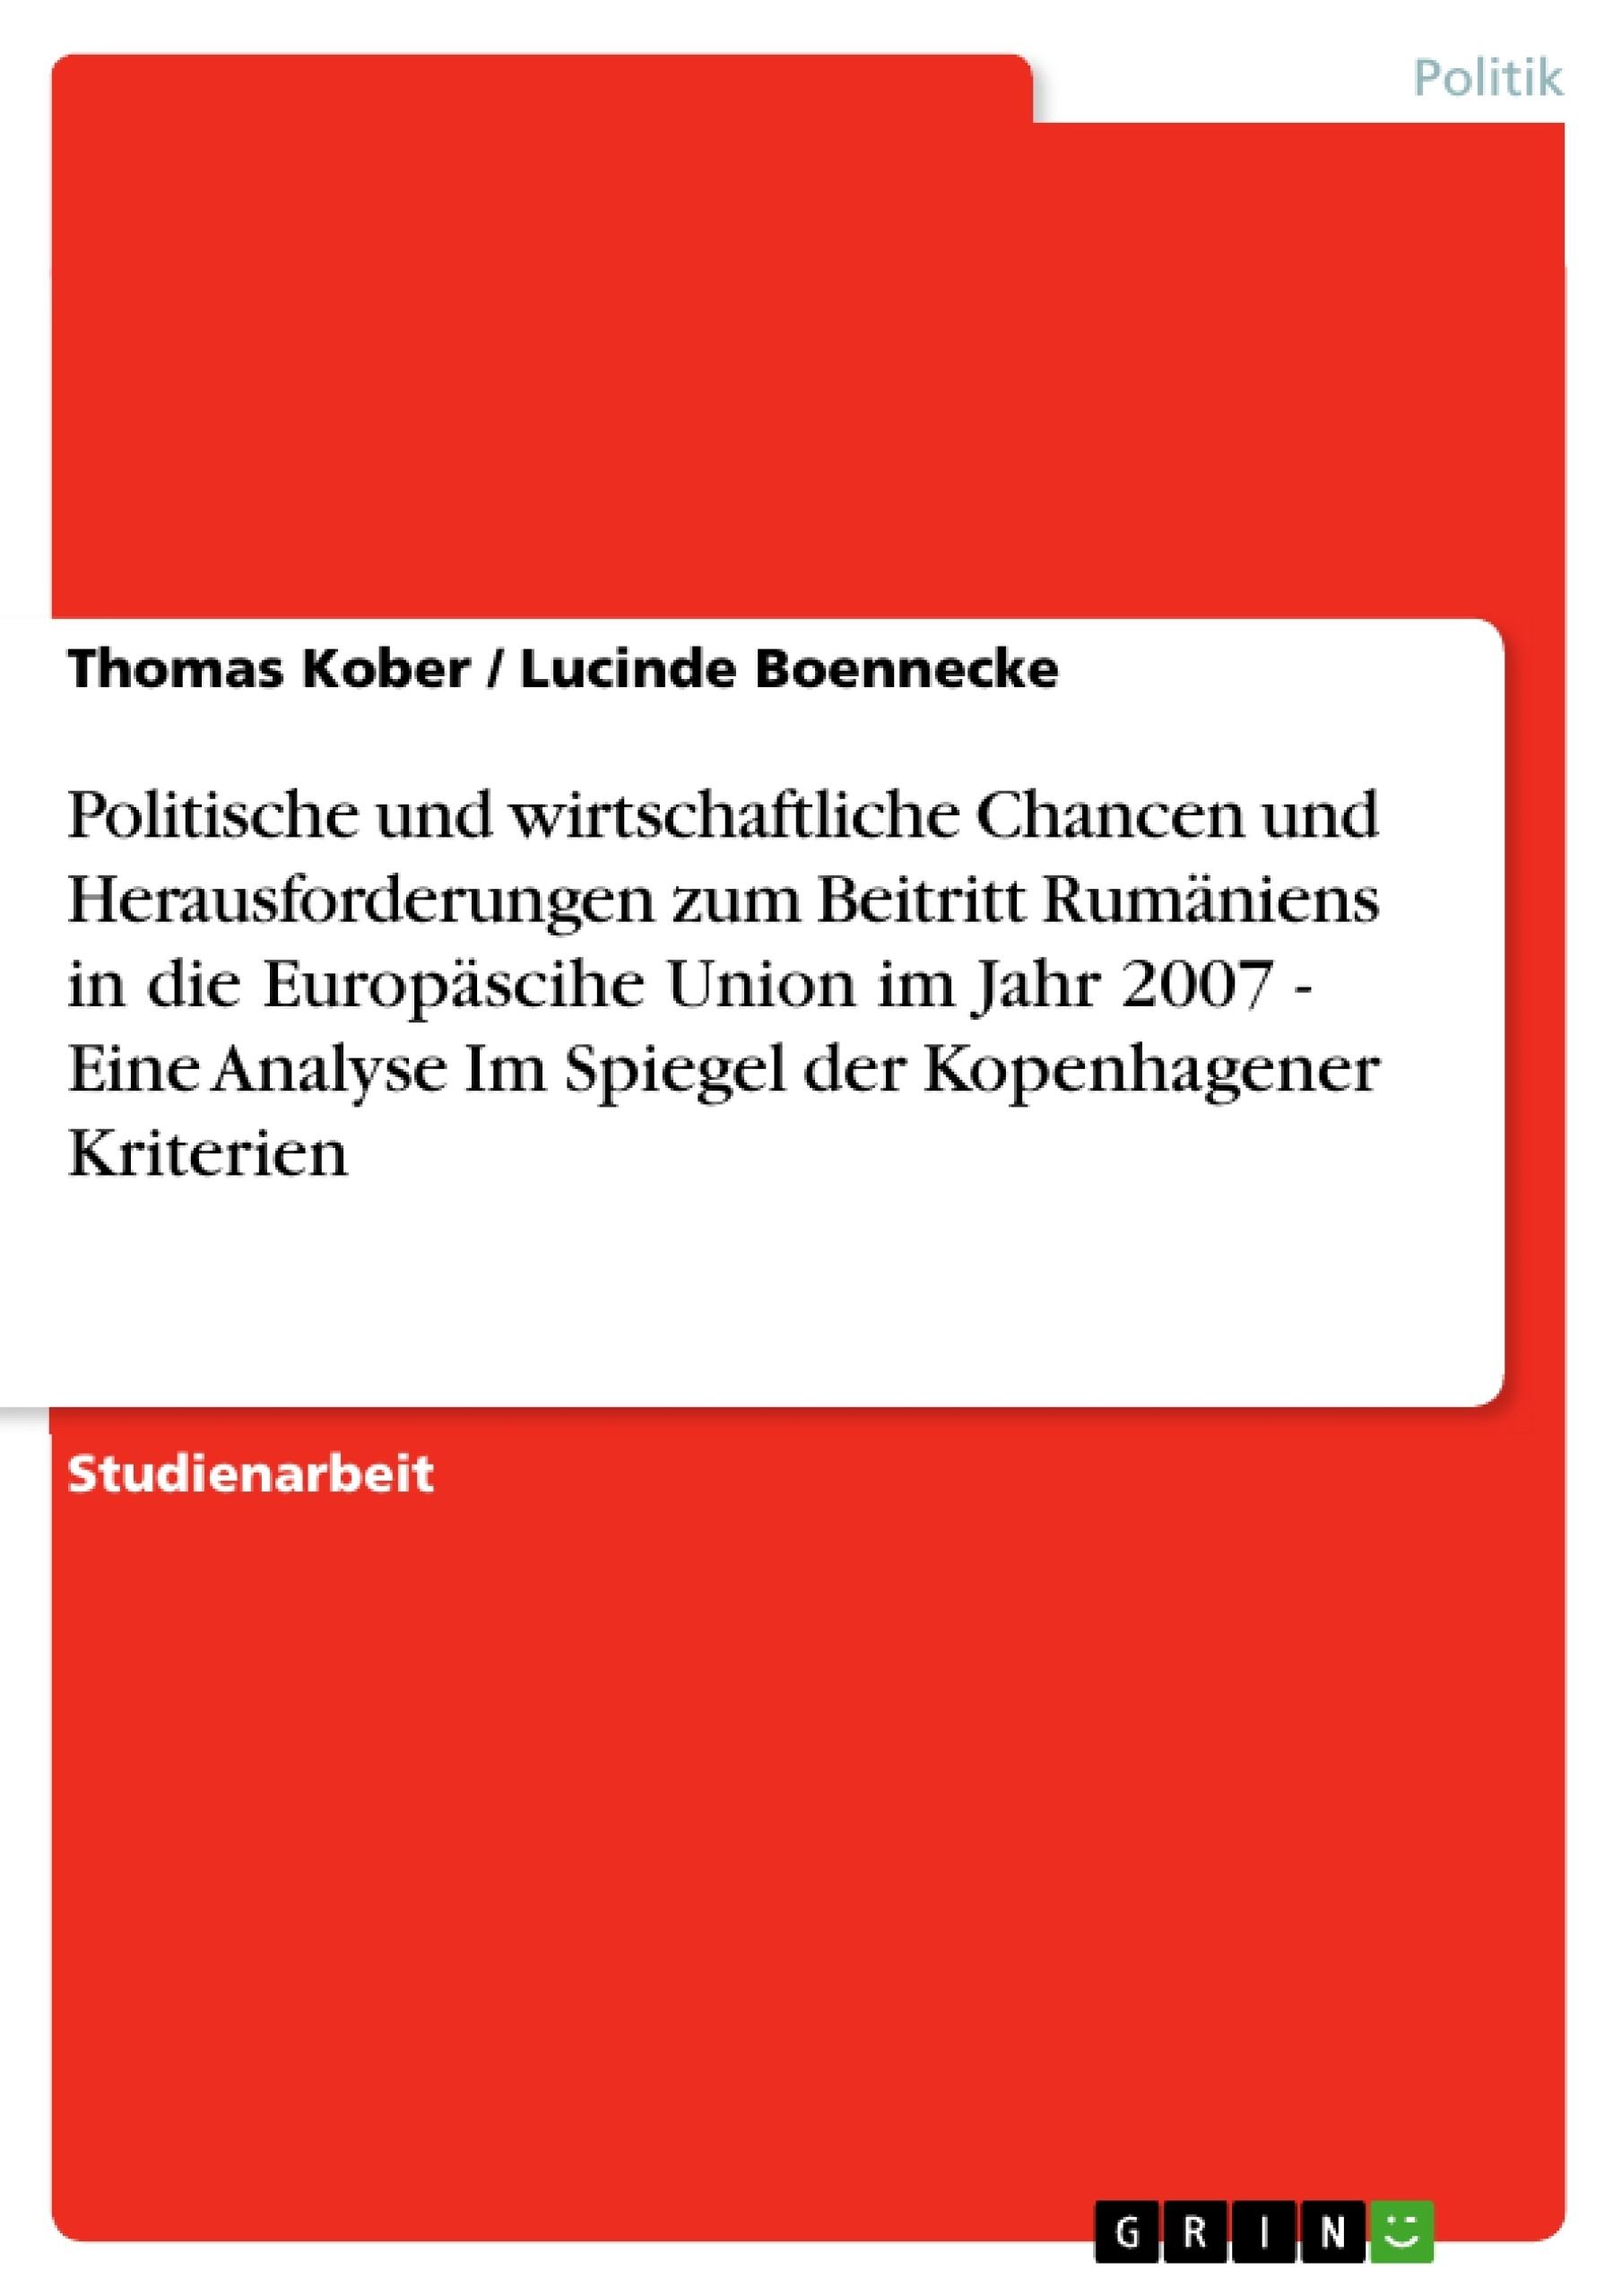 Titel: Politische und wirtschaftliche Chancen und Herausforderungen zum Beitritt Rumäniens in die Europäscihe Union im Jahr 2007 - Eine Analyse Im Spiegel der Kopenhagener Kriterien